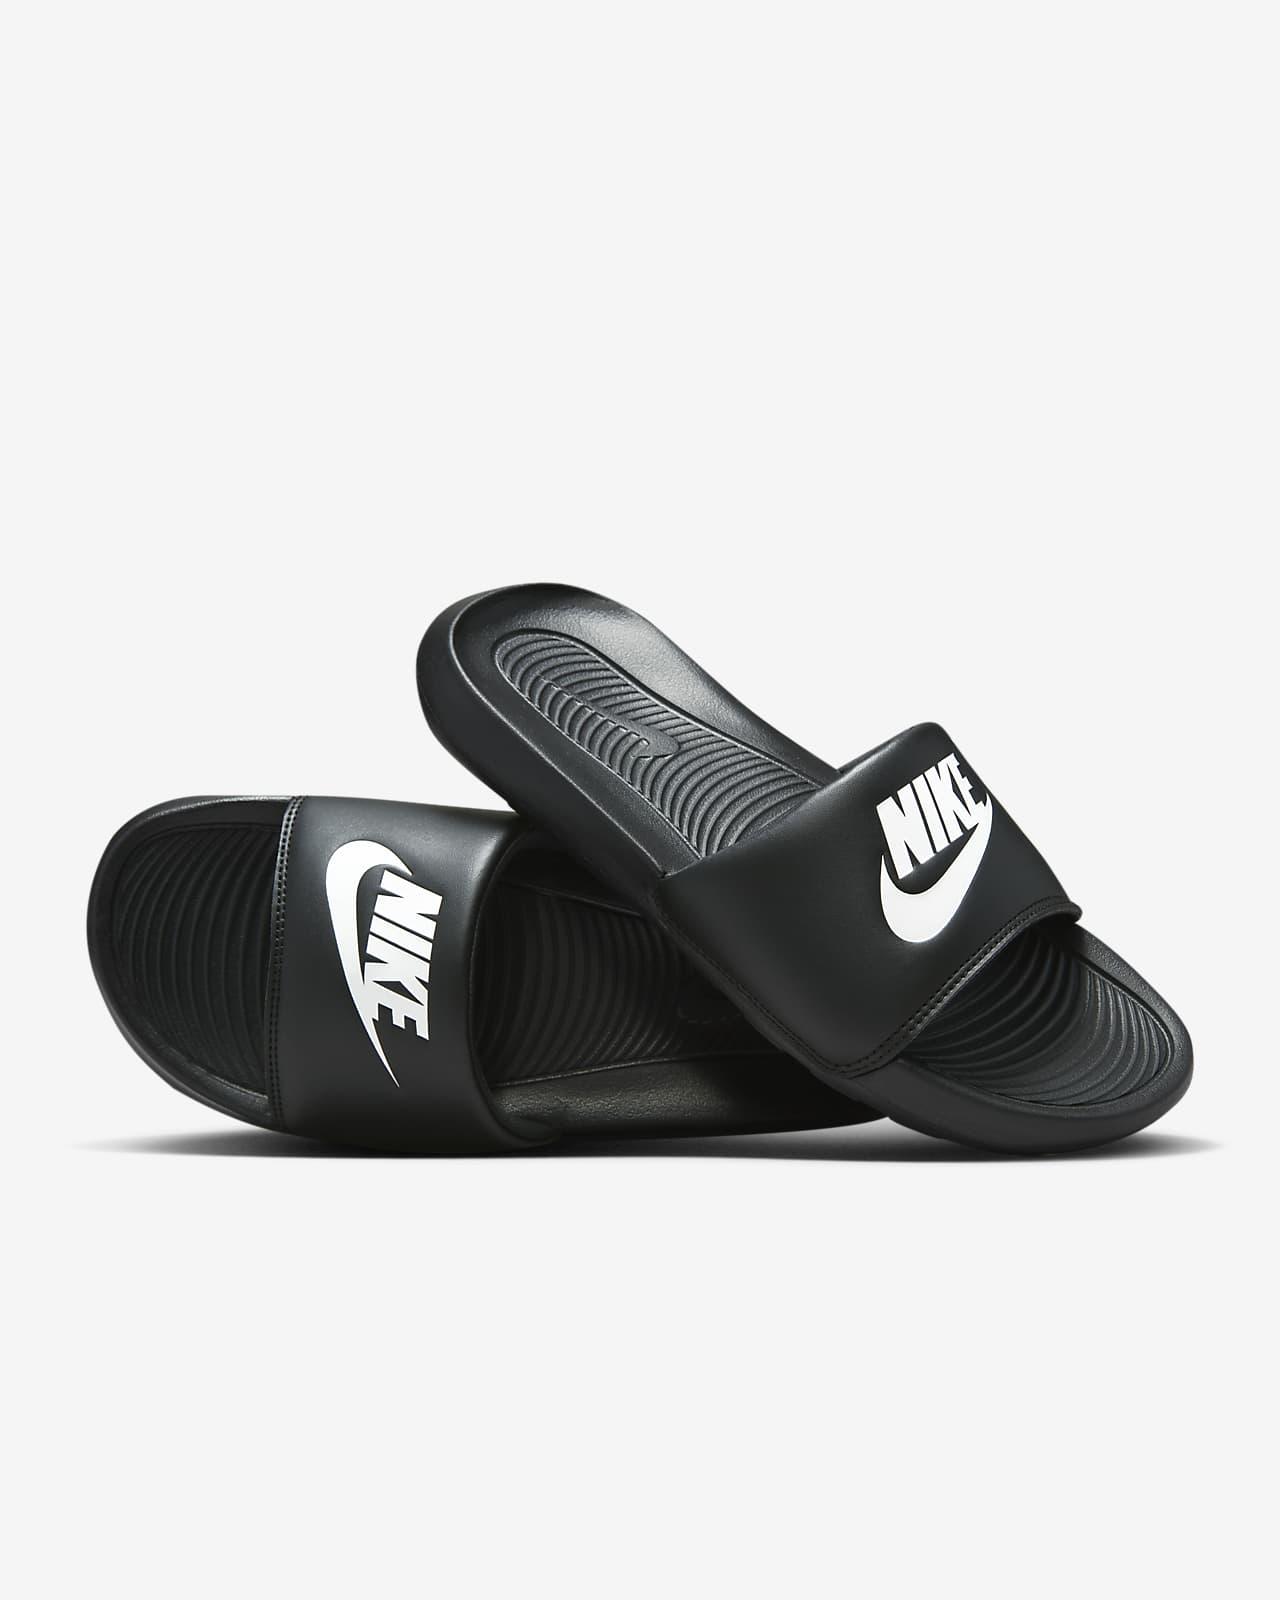 Nike Victori One 女款拖鞋